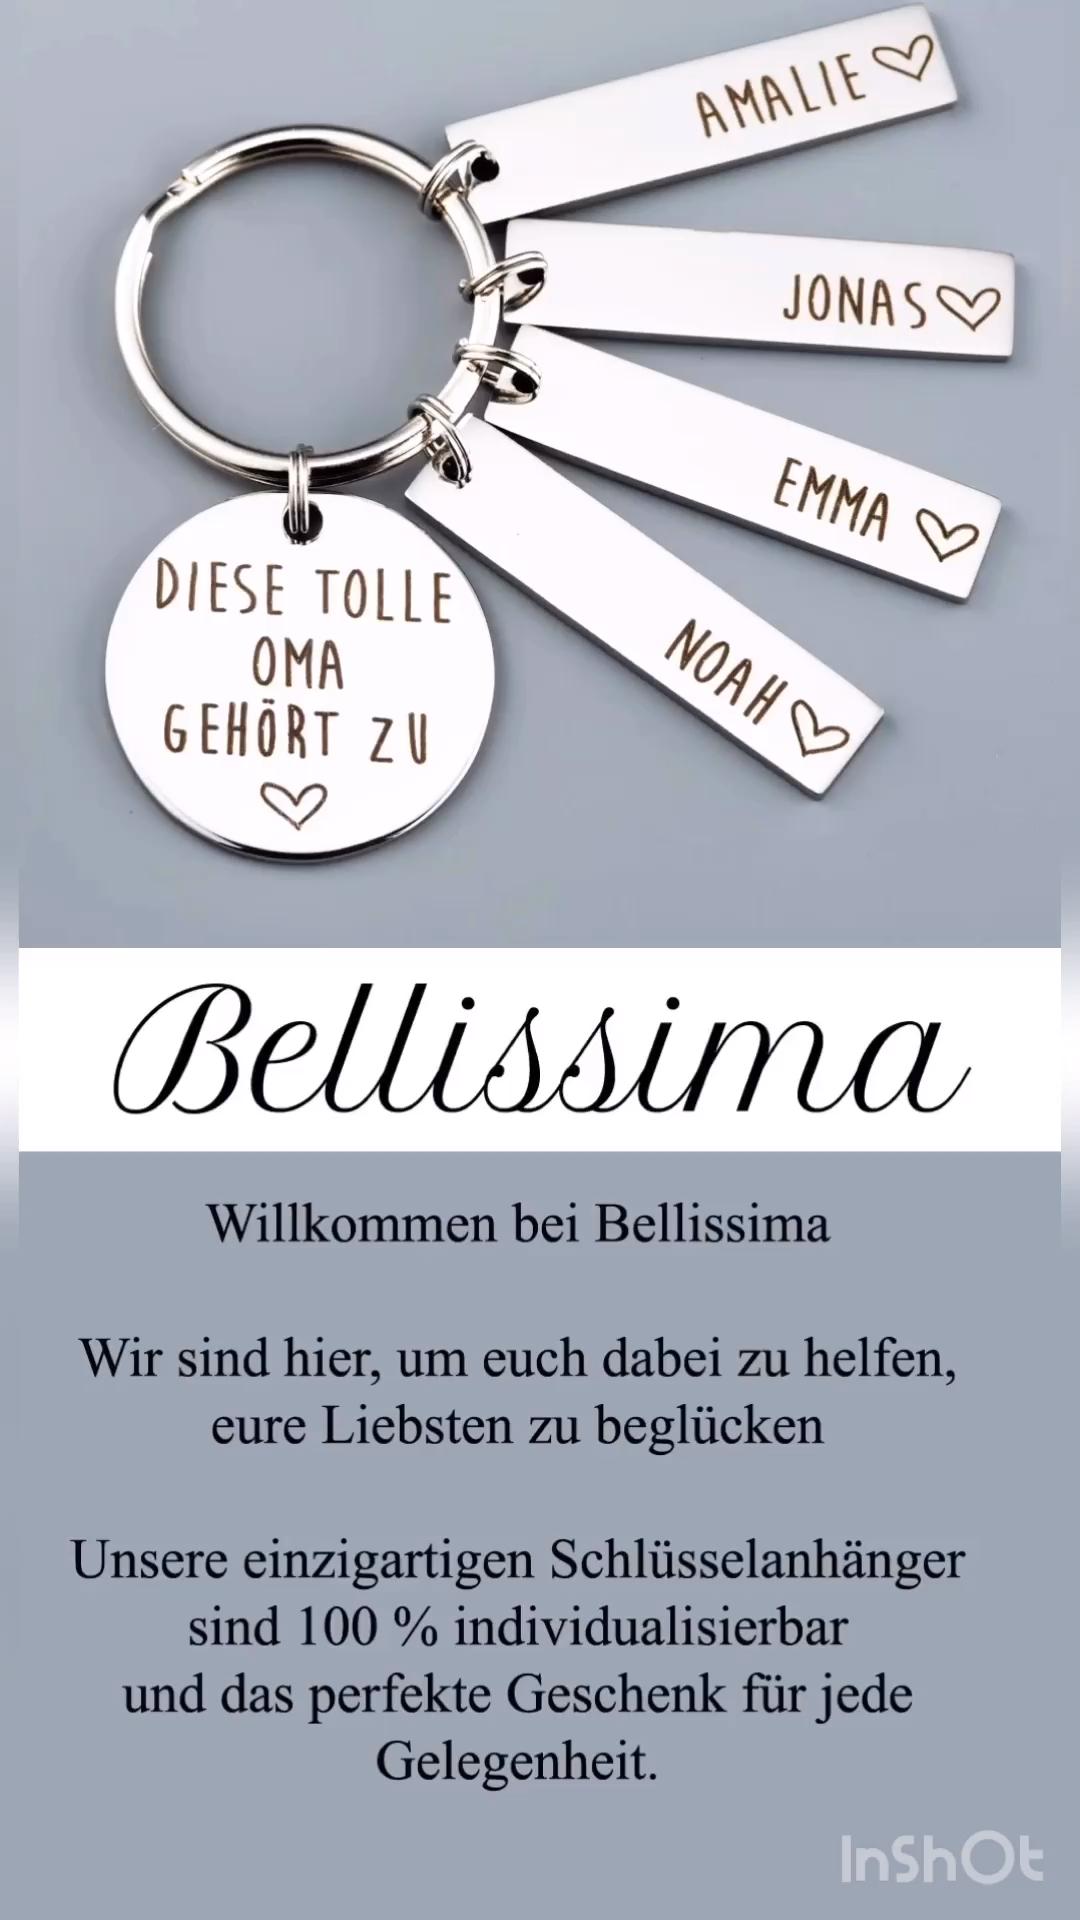 Willkommen bei Bellissima!